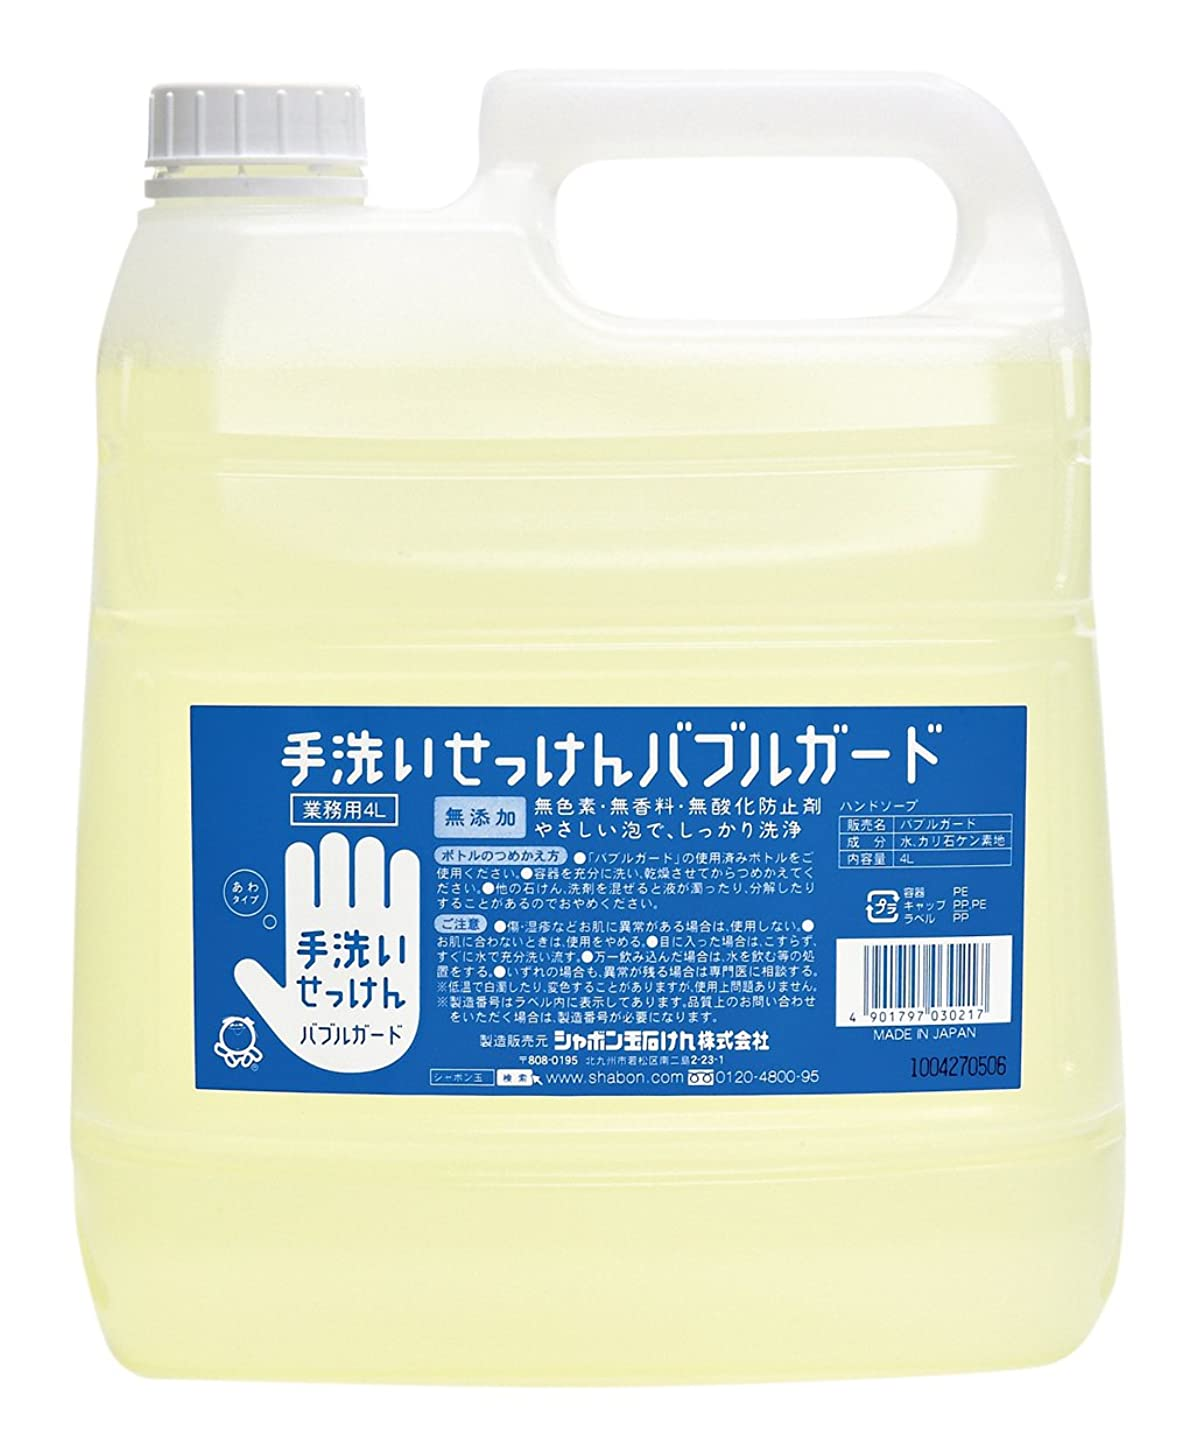 ゲインセイ大脳オプション【大容量】 シャボン玉 バブルガード 業務用 4L